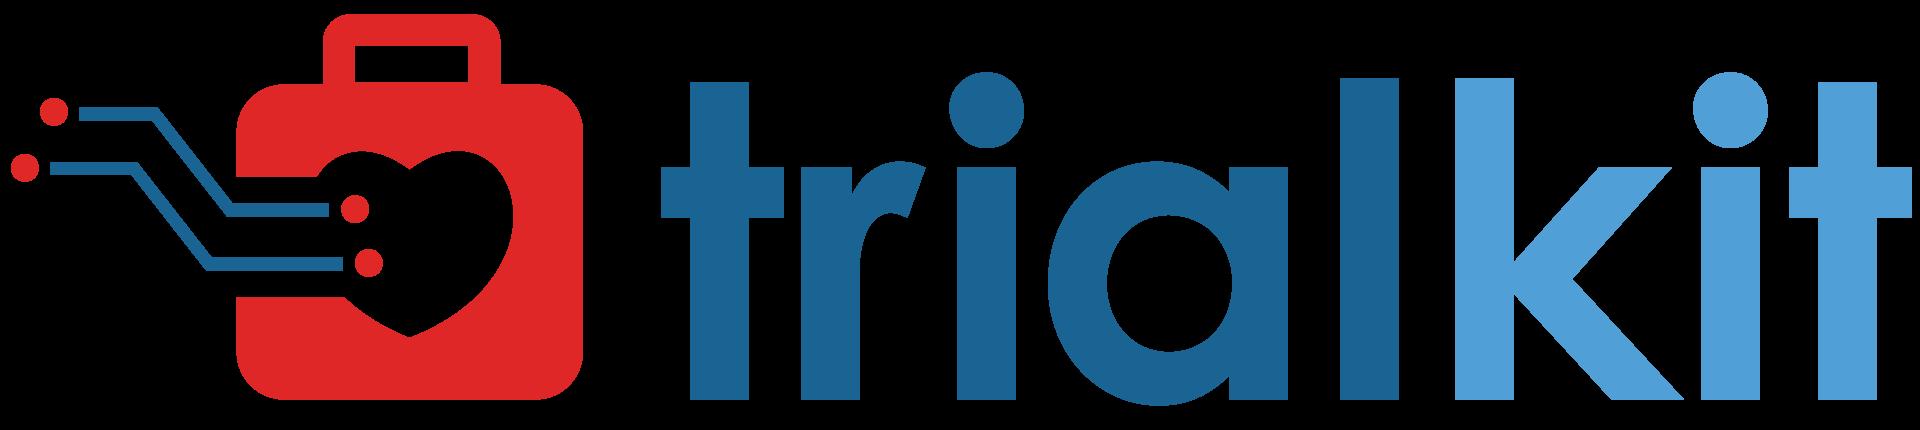 TrialKit logo